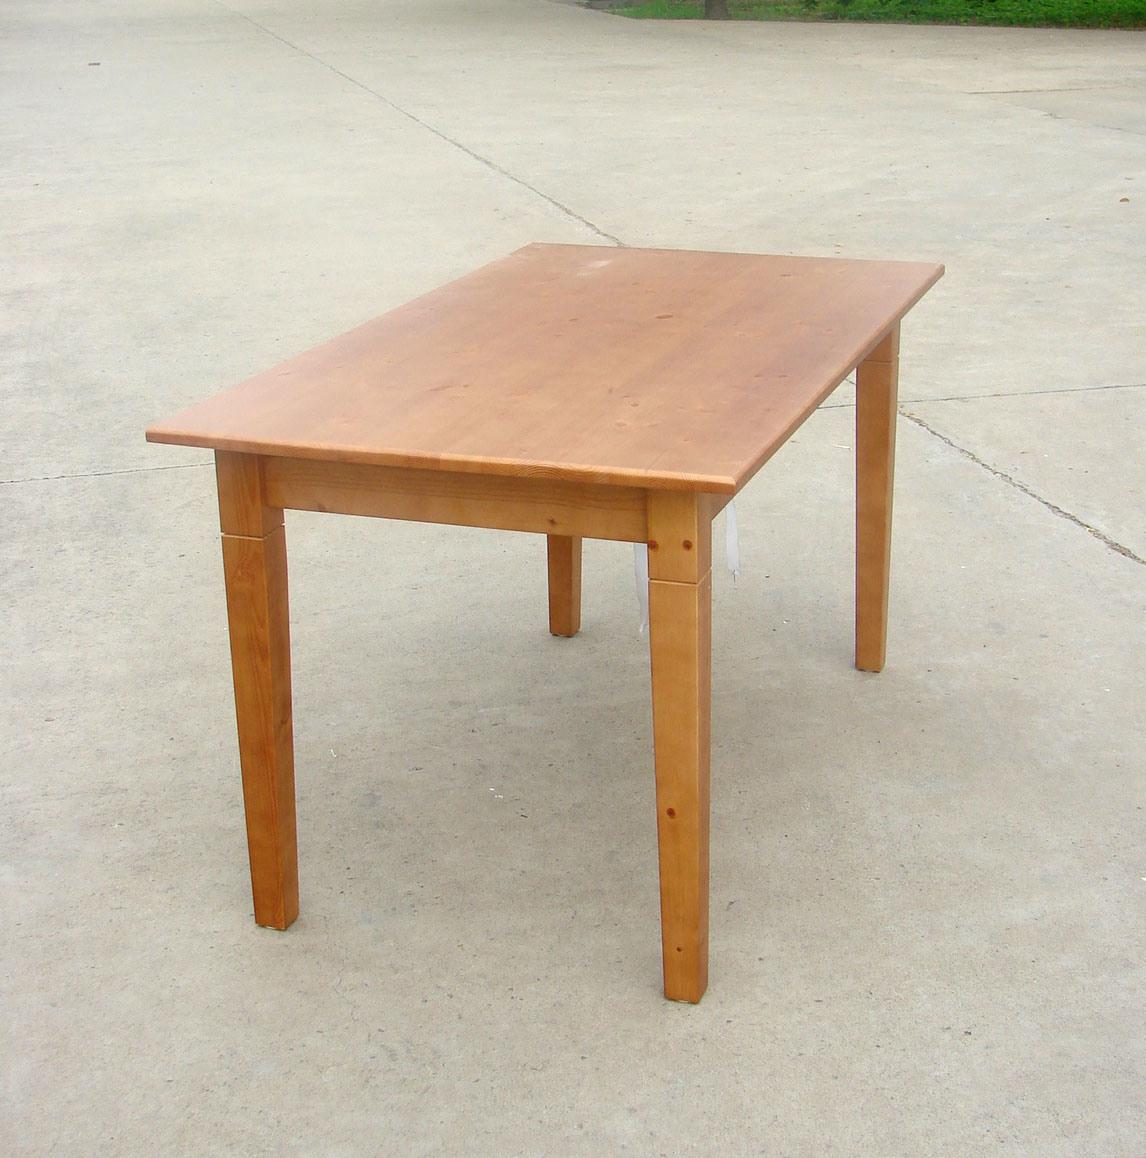 나무로 되는 식탁 소나무 테이블 단단한 나무 테이블 (H-H033 ...